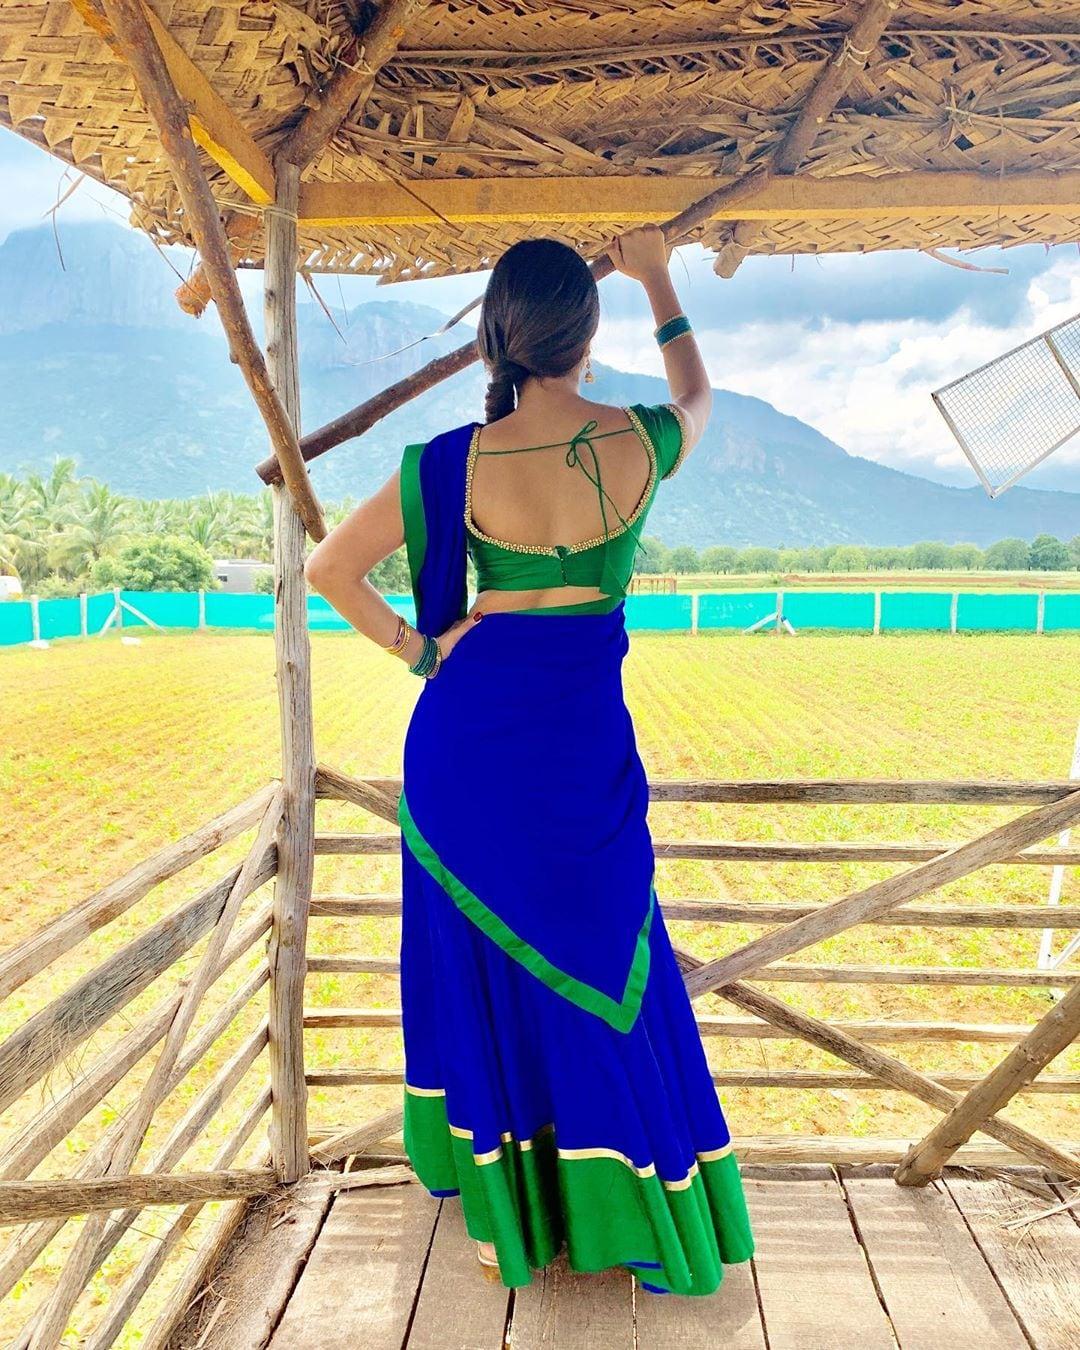 నిధి అగర్వాల్ (Photo: nidhhiagerwal/Instagram)